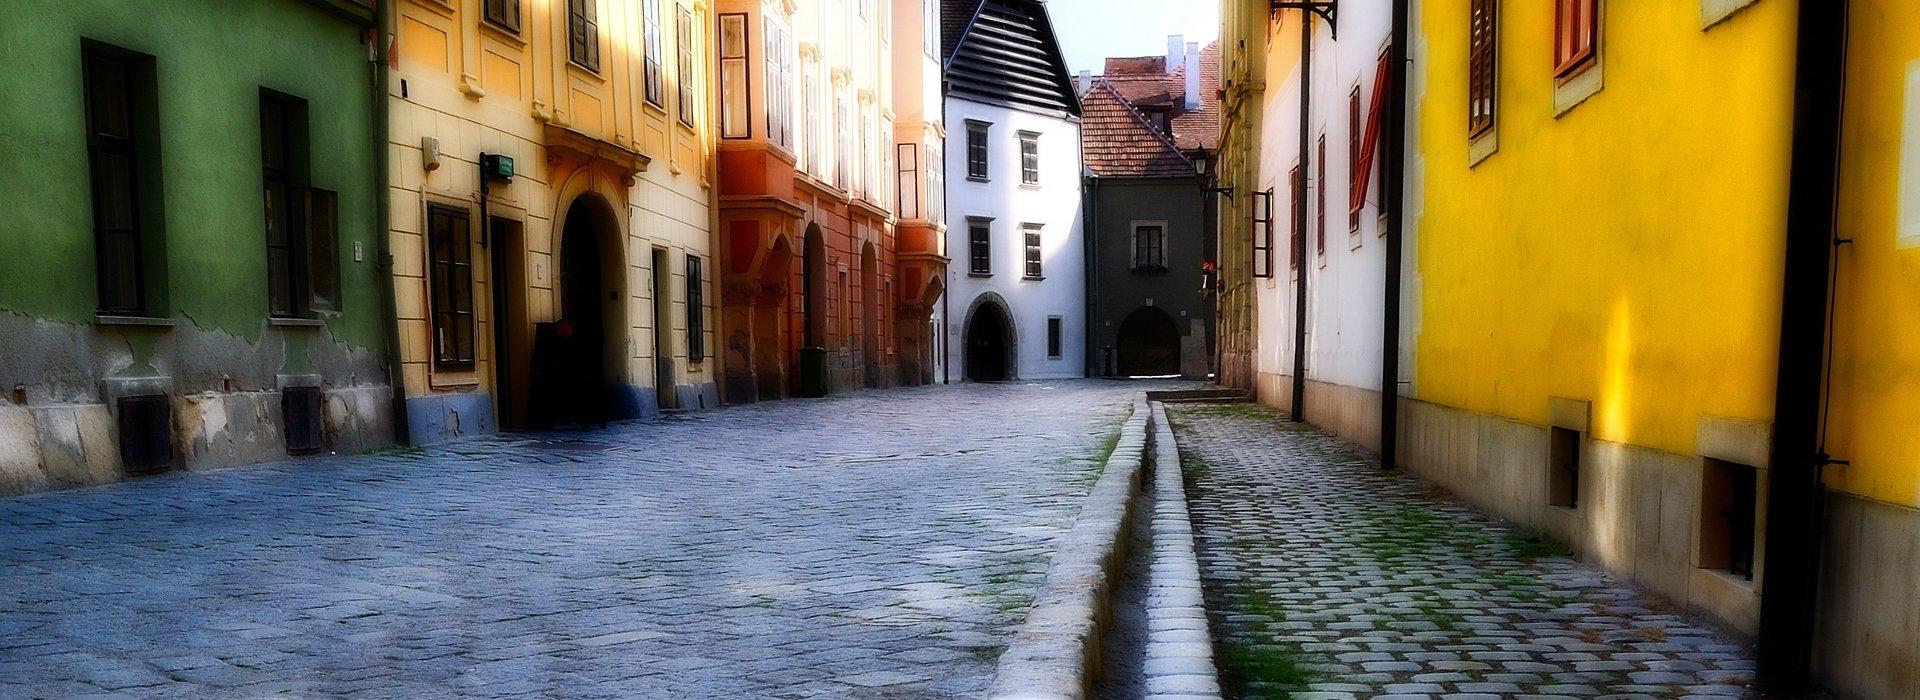 Soproni Vásárlási lehetőségek – Vásárlás Sopronban